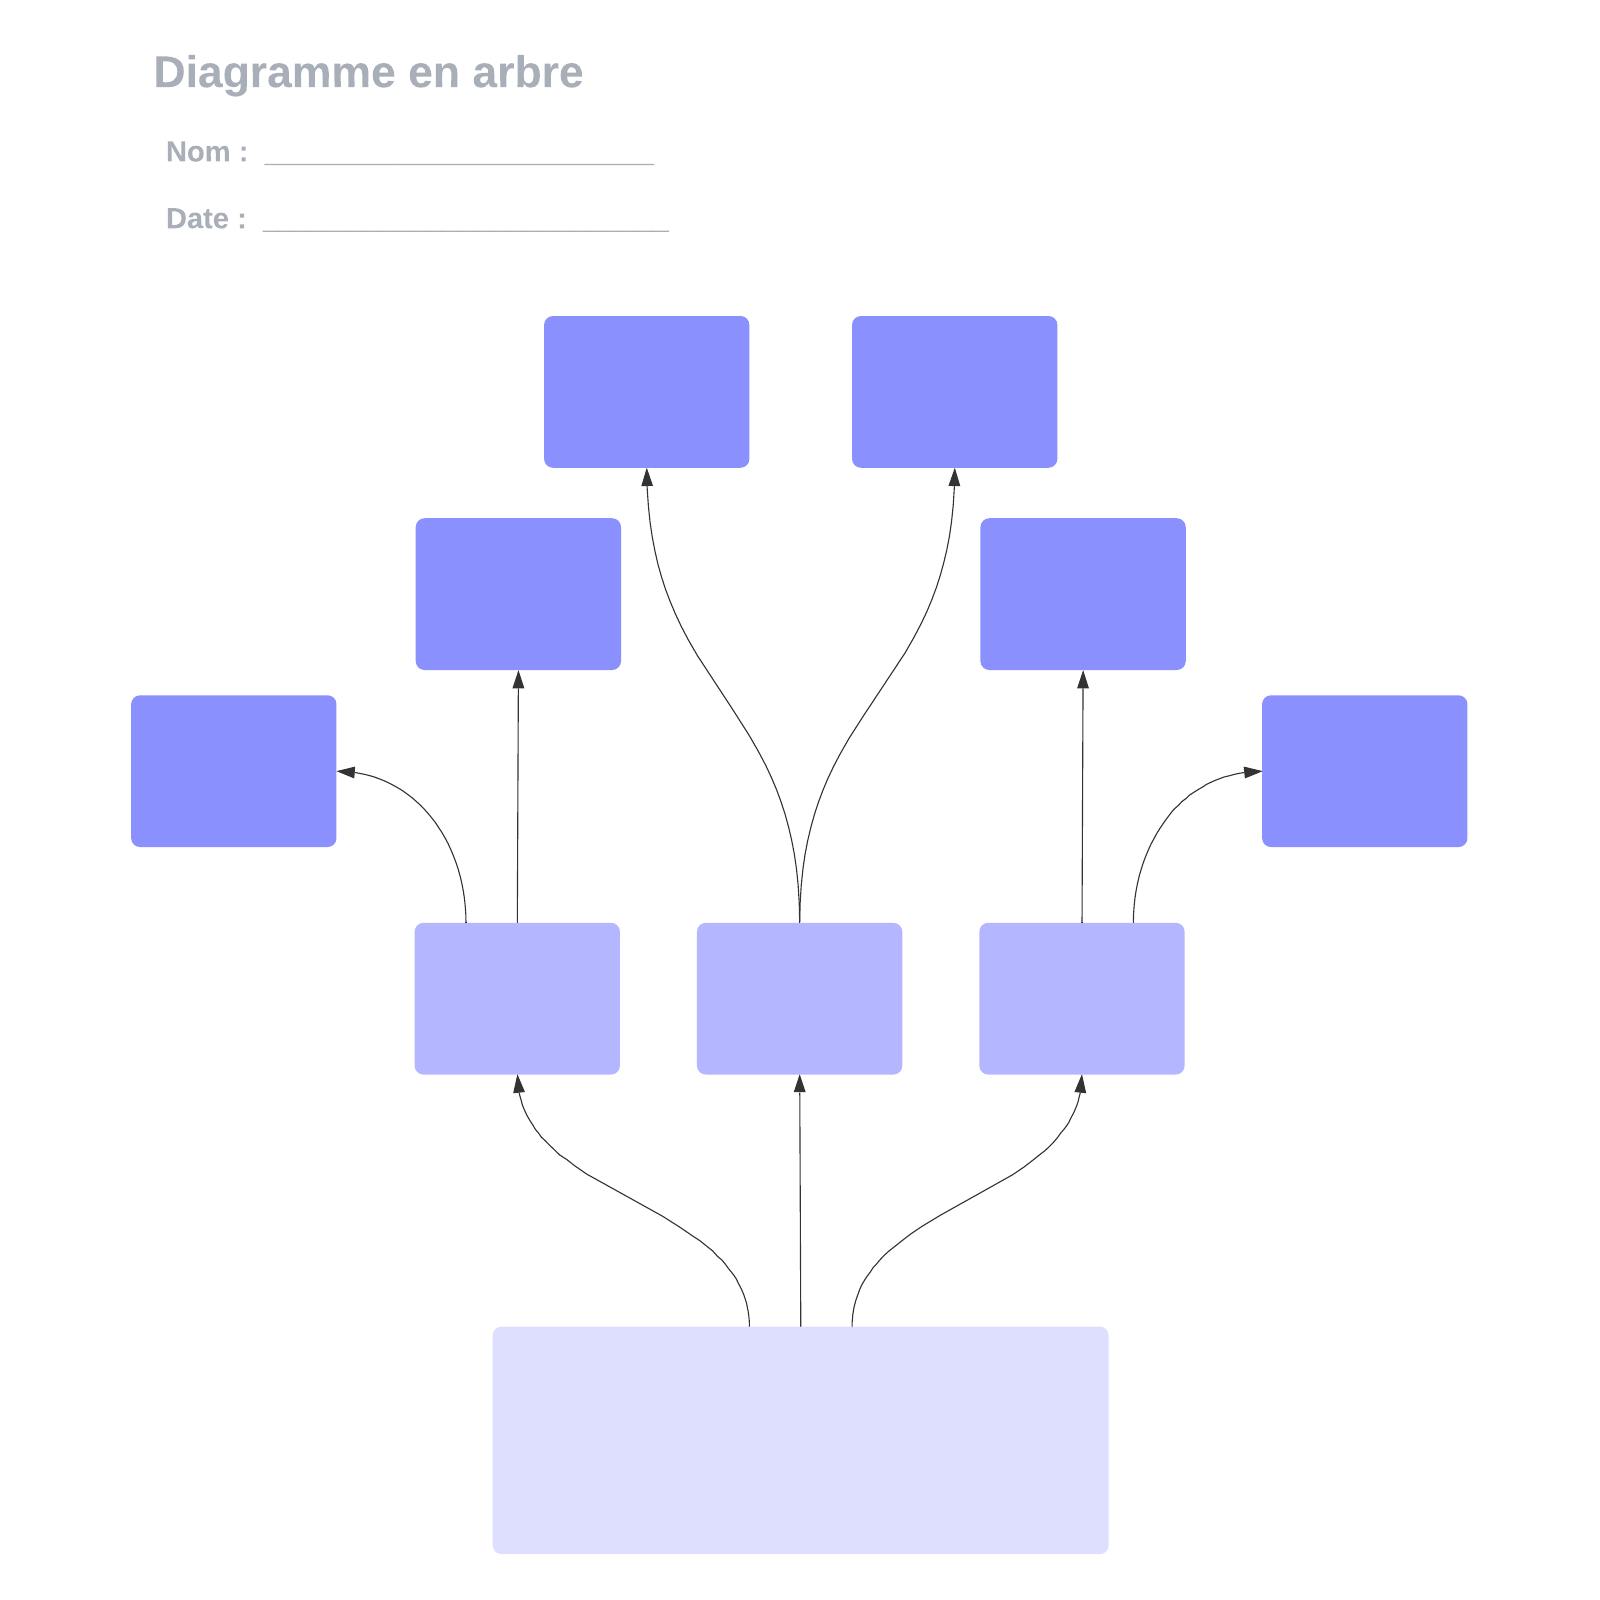 exemple de diagramme en arbre vierge